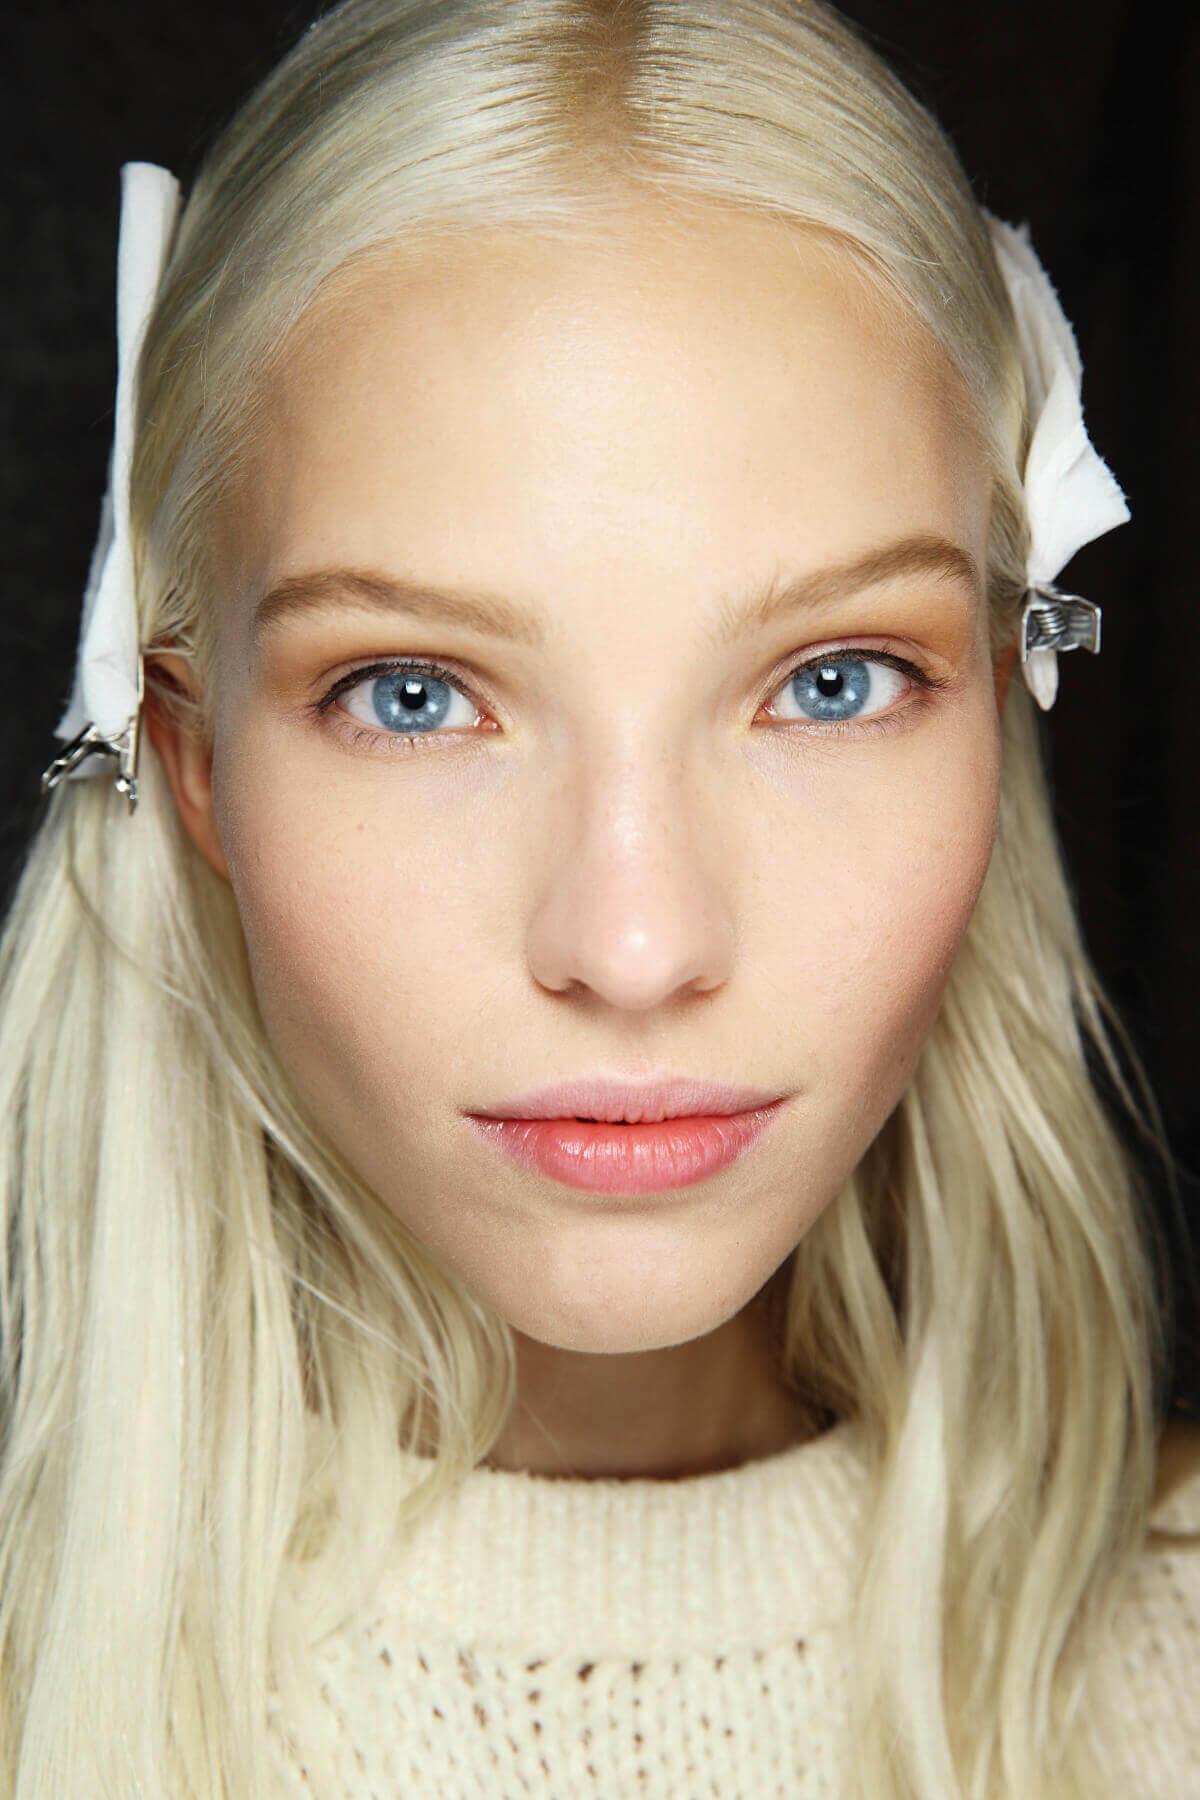 Nuances de cheveux blonds : Femme aux cheveux blonds blancs raides portant des pinces à cheveux.